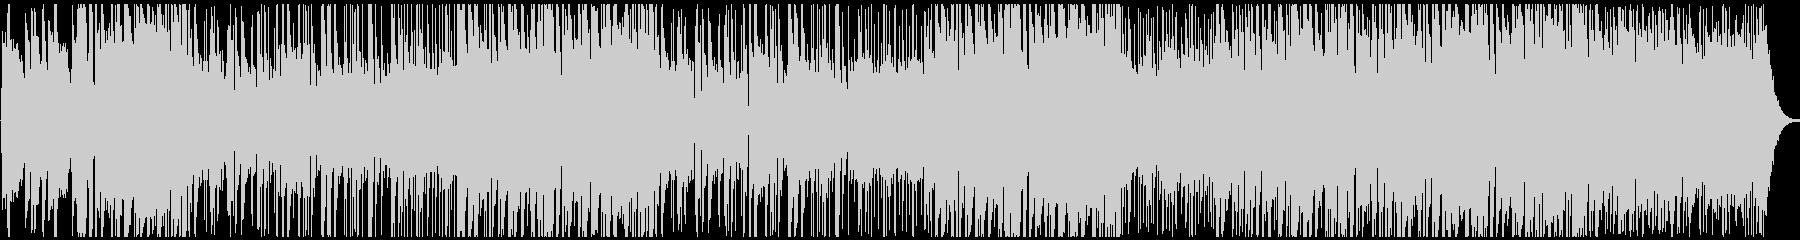 新世紀エレクトロニクス アンビエン...の未再生の波形